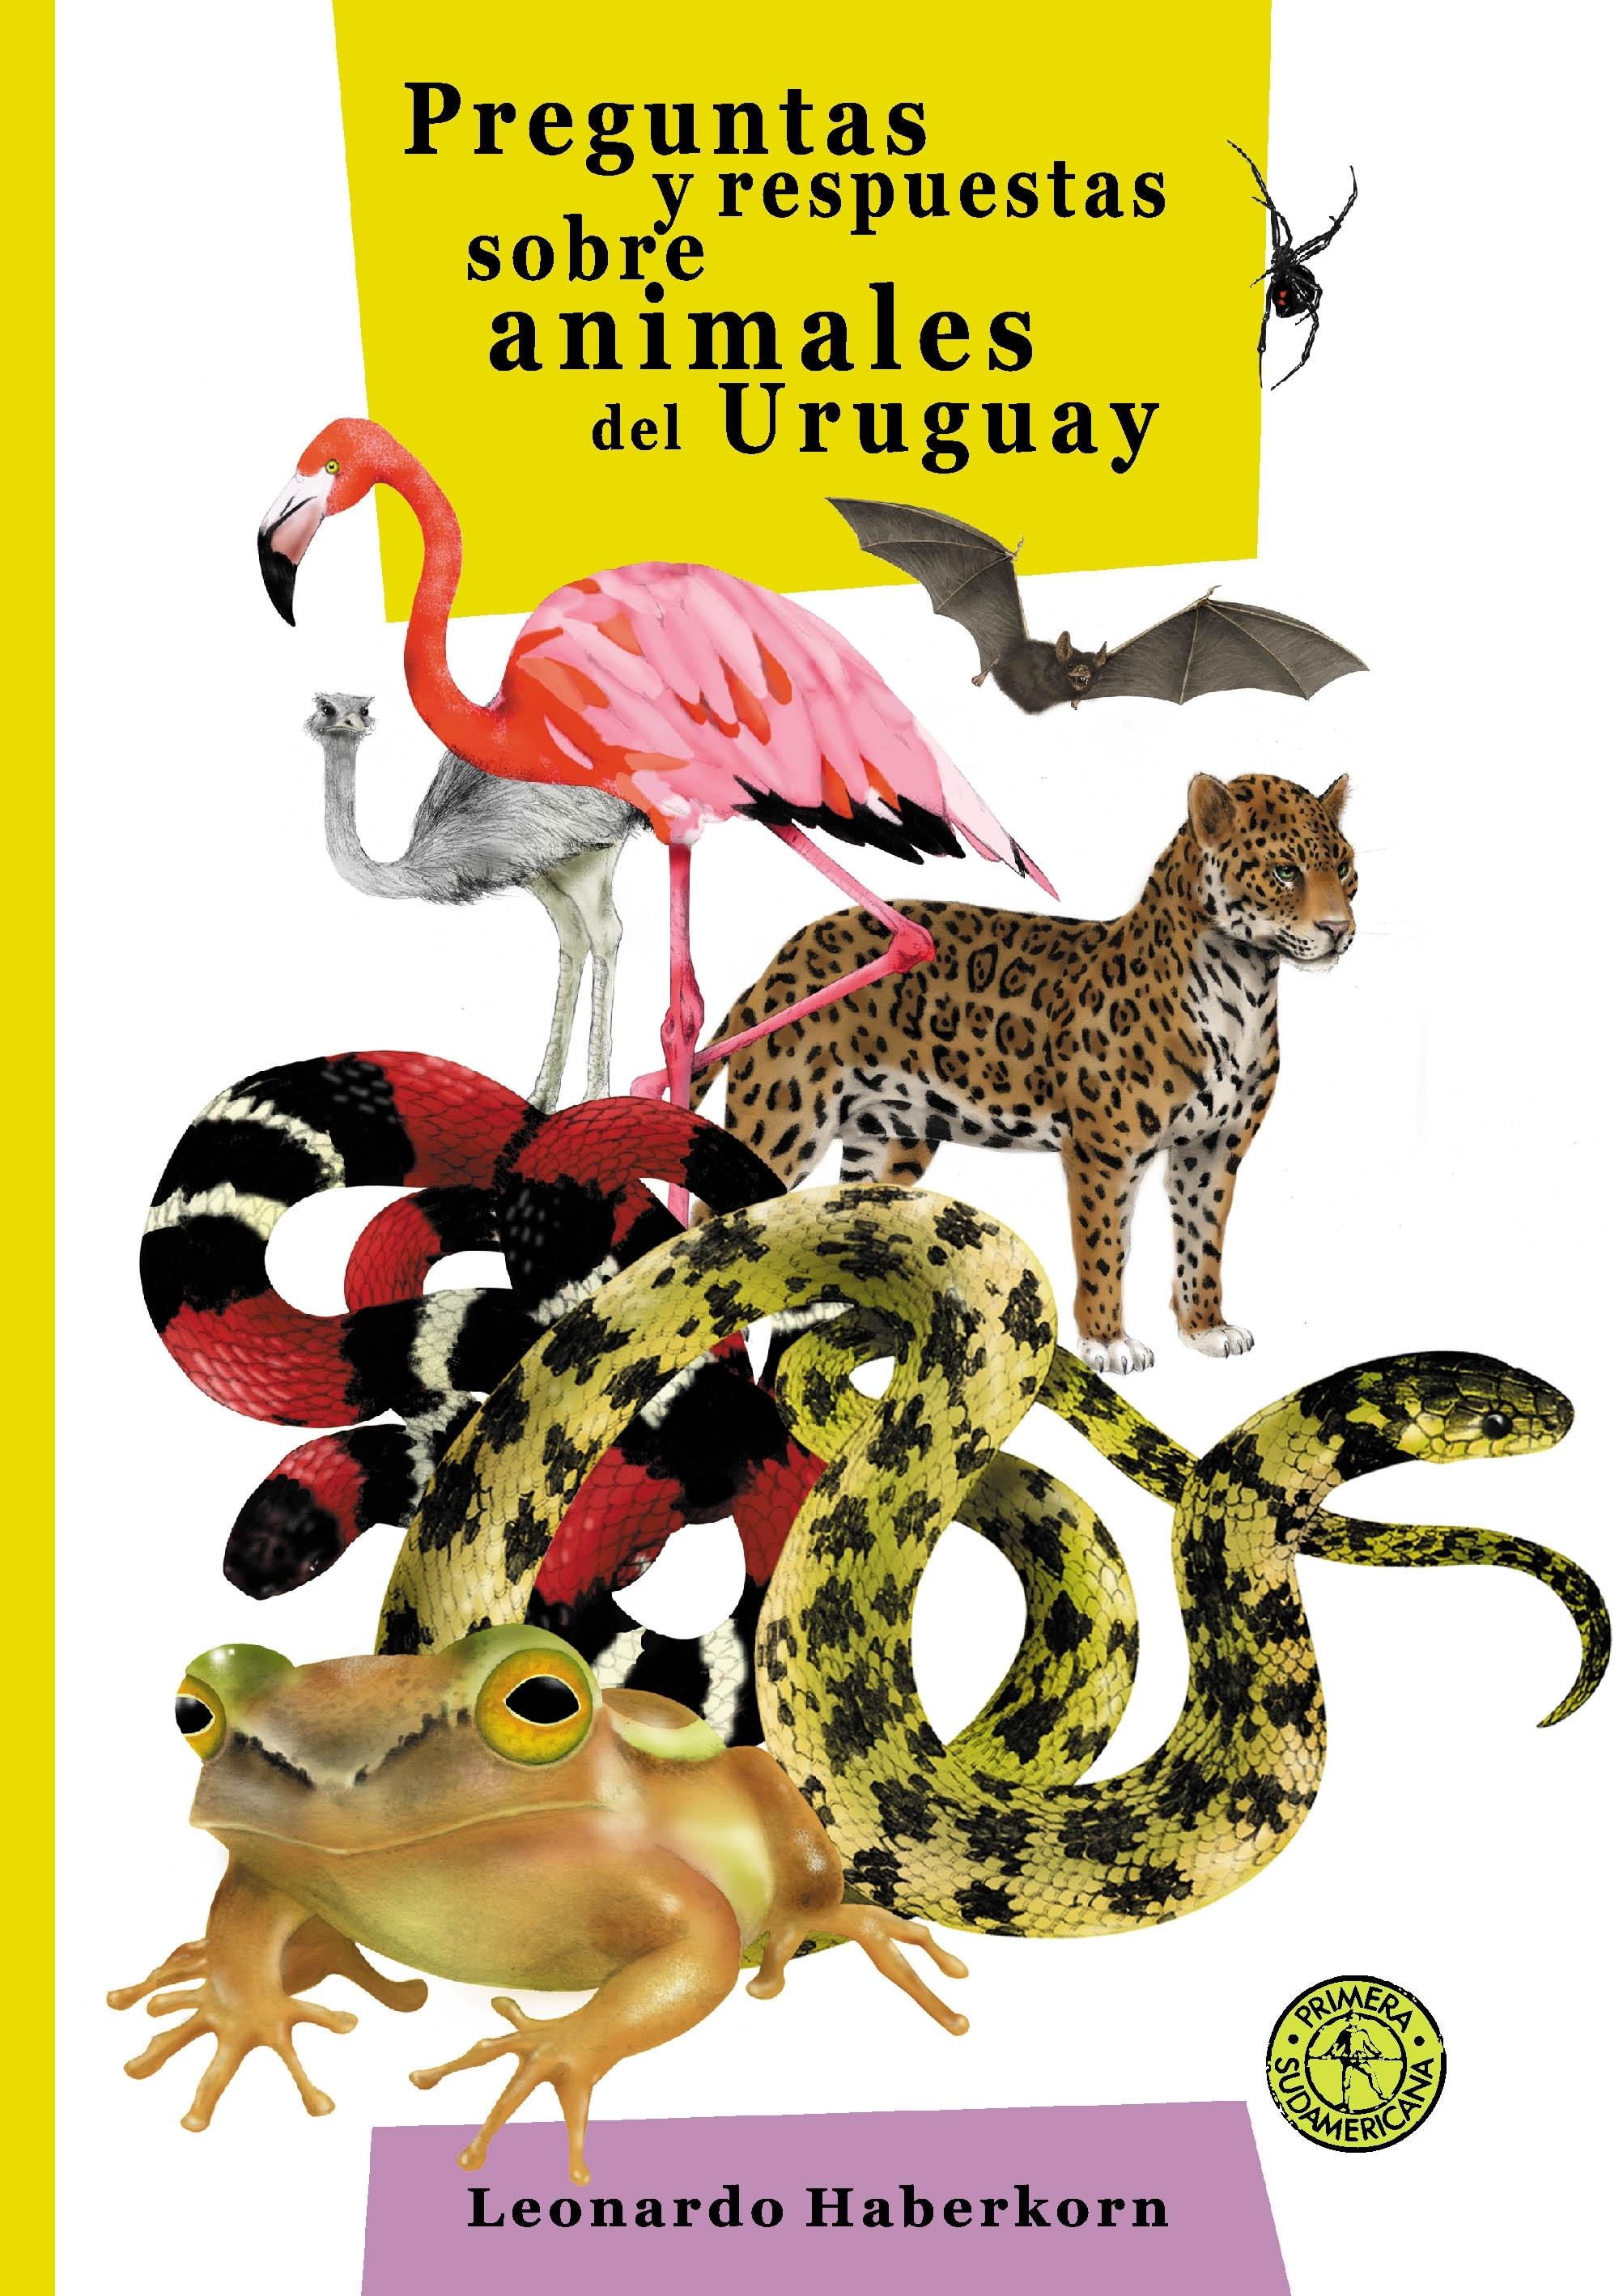 Preguntas y respuestas sobre animales del Uruguay